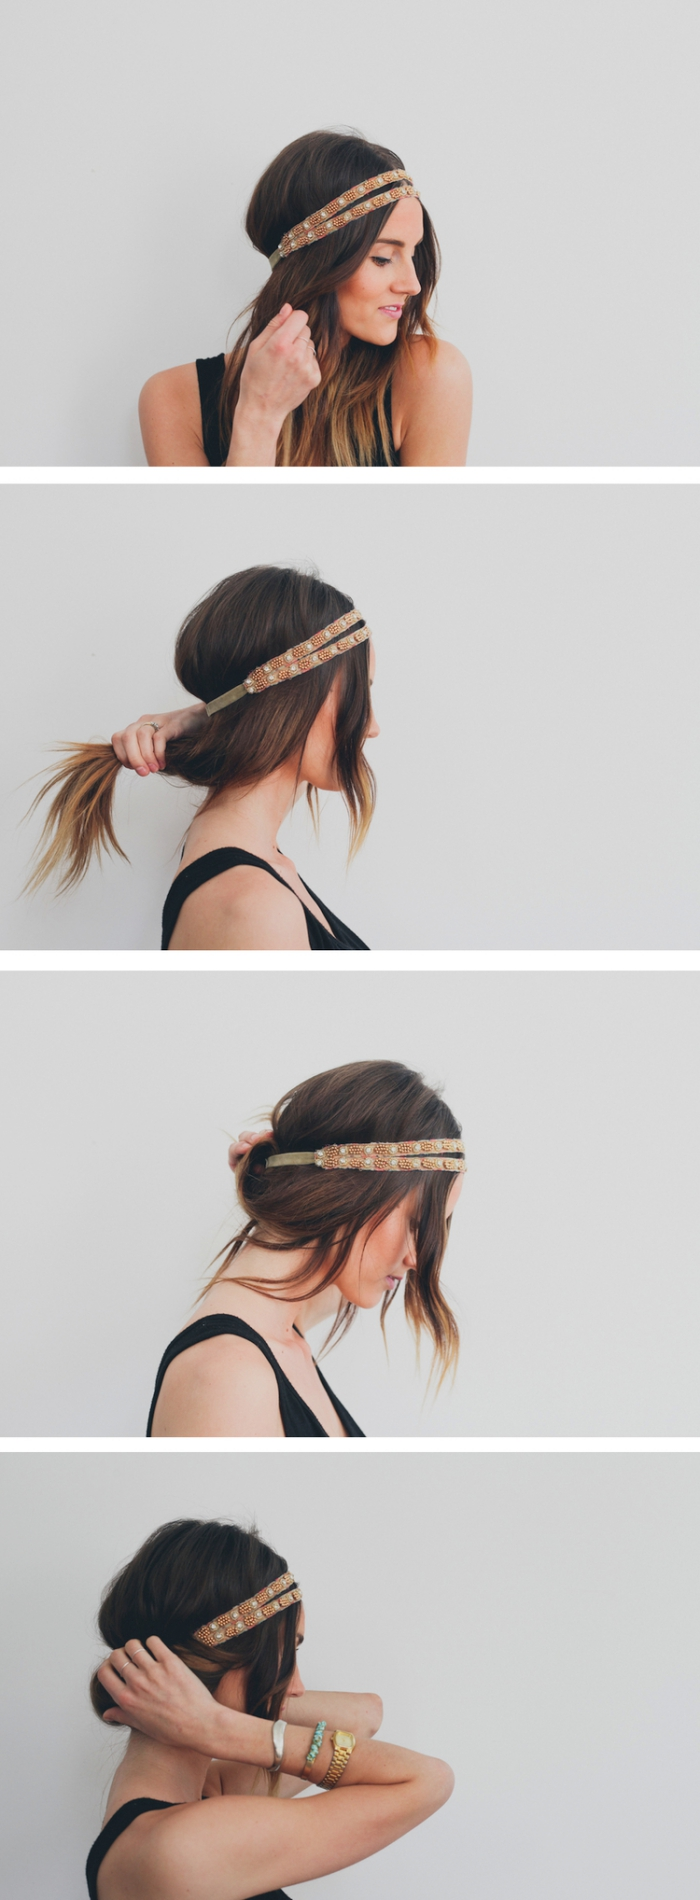 tutoriel avec les étapes à suivre pour faire une coiffure facile aux cheveux attachés avec bandeau marron